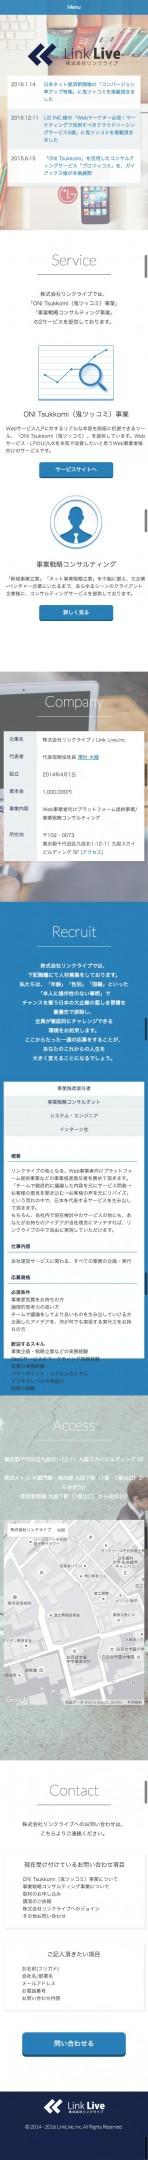 株式会社リンクライブ 様